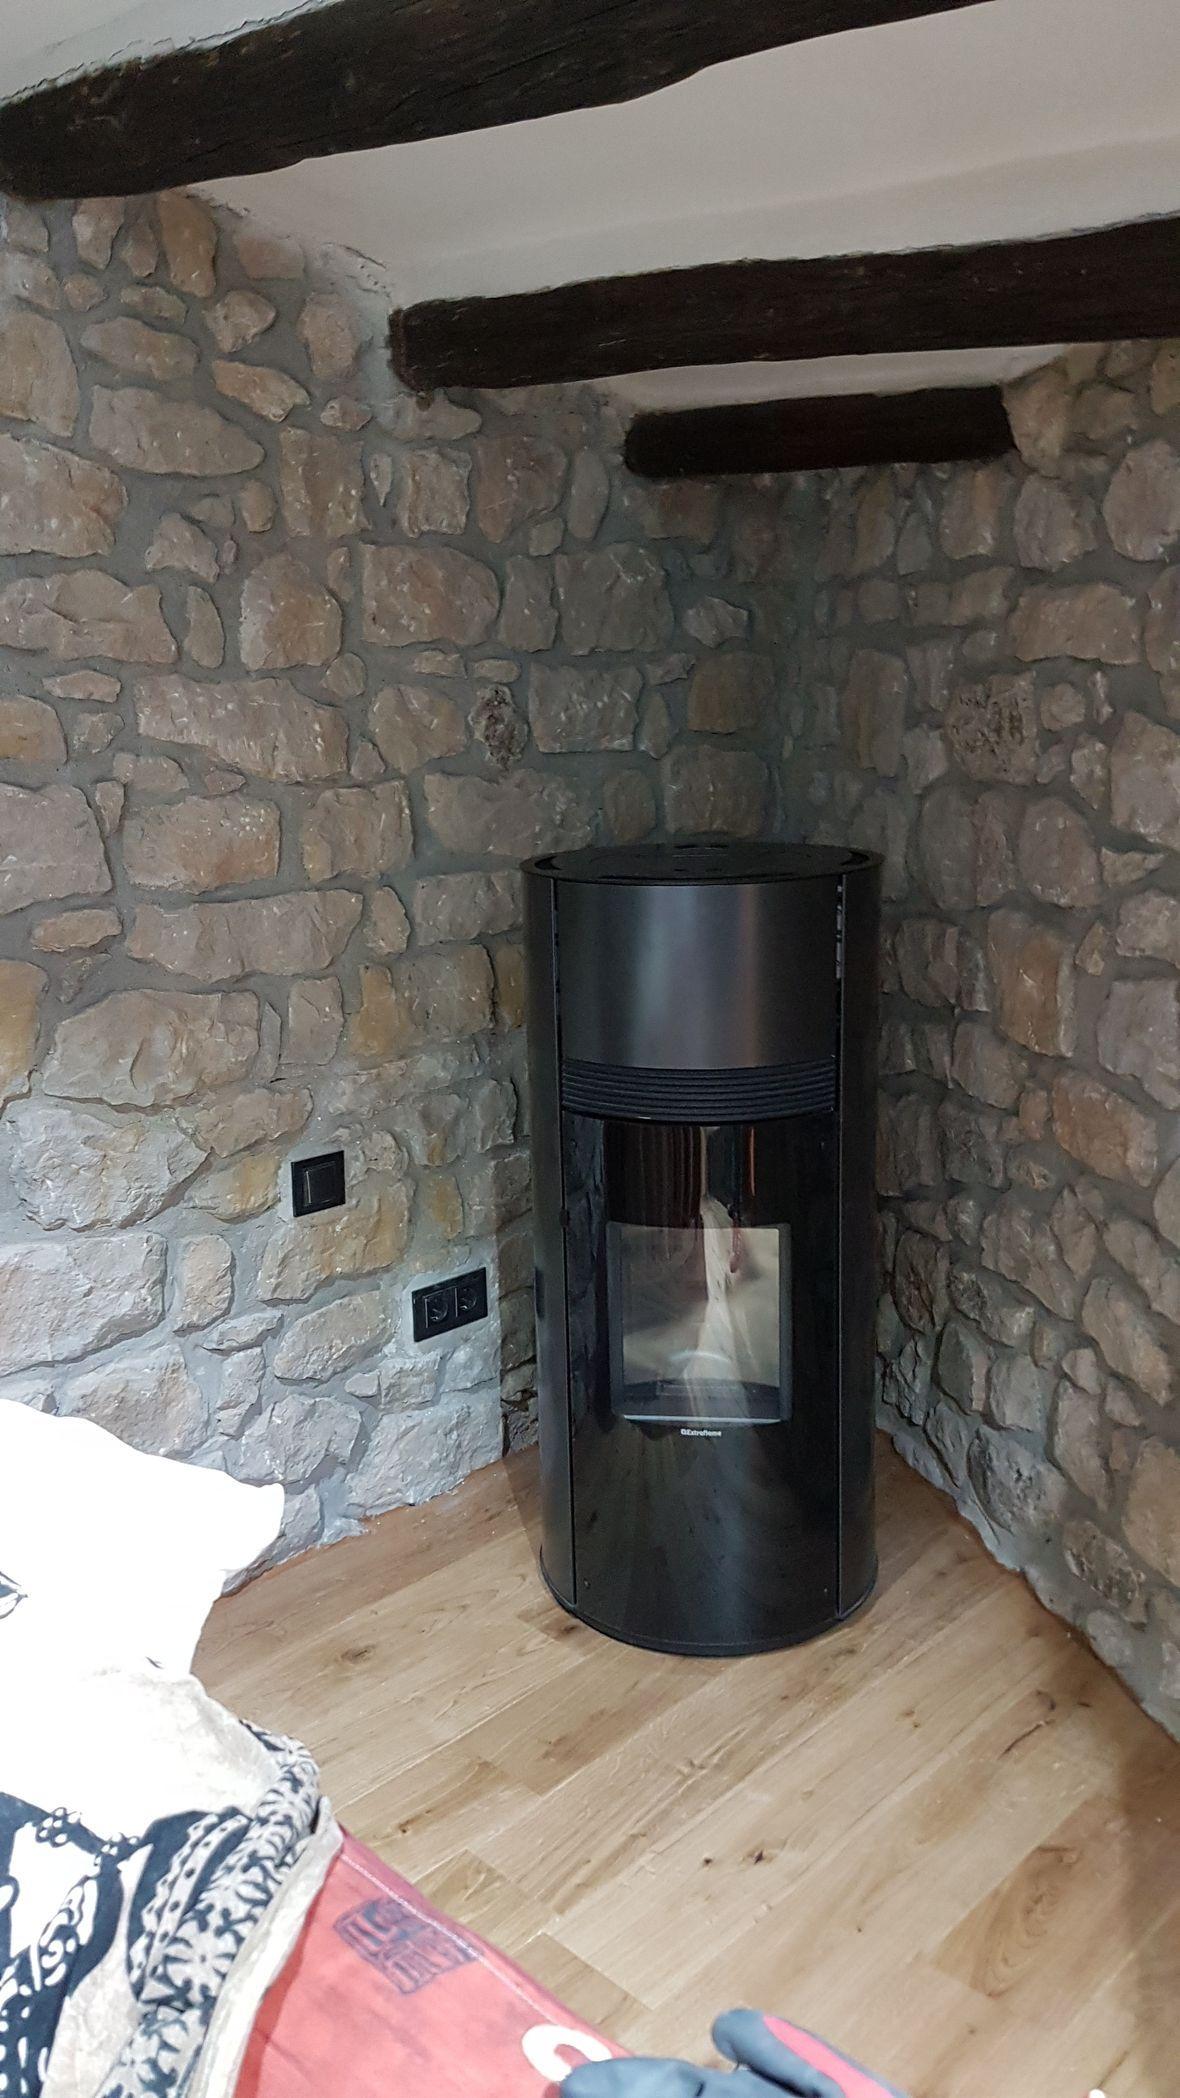 Instalación de estufas, termoestufas y calderas biomasa: Servicios de Bioponent